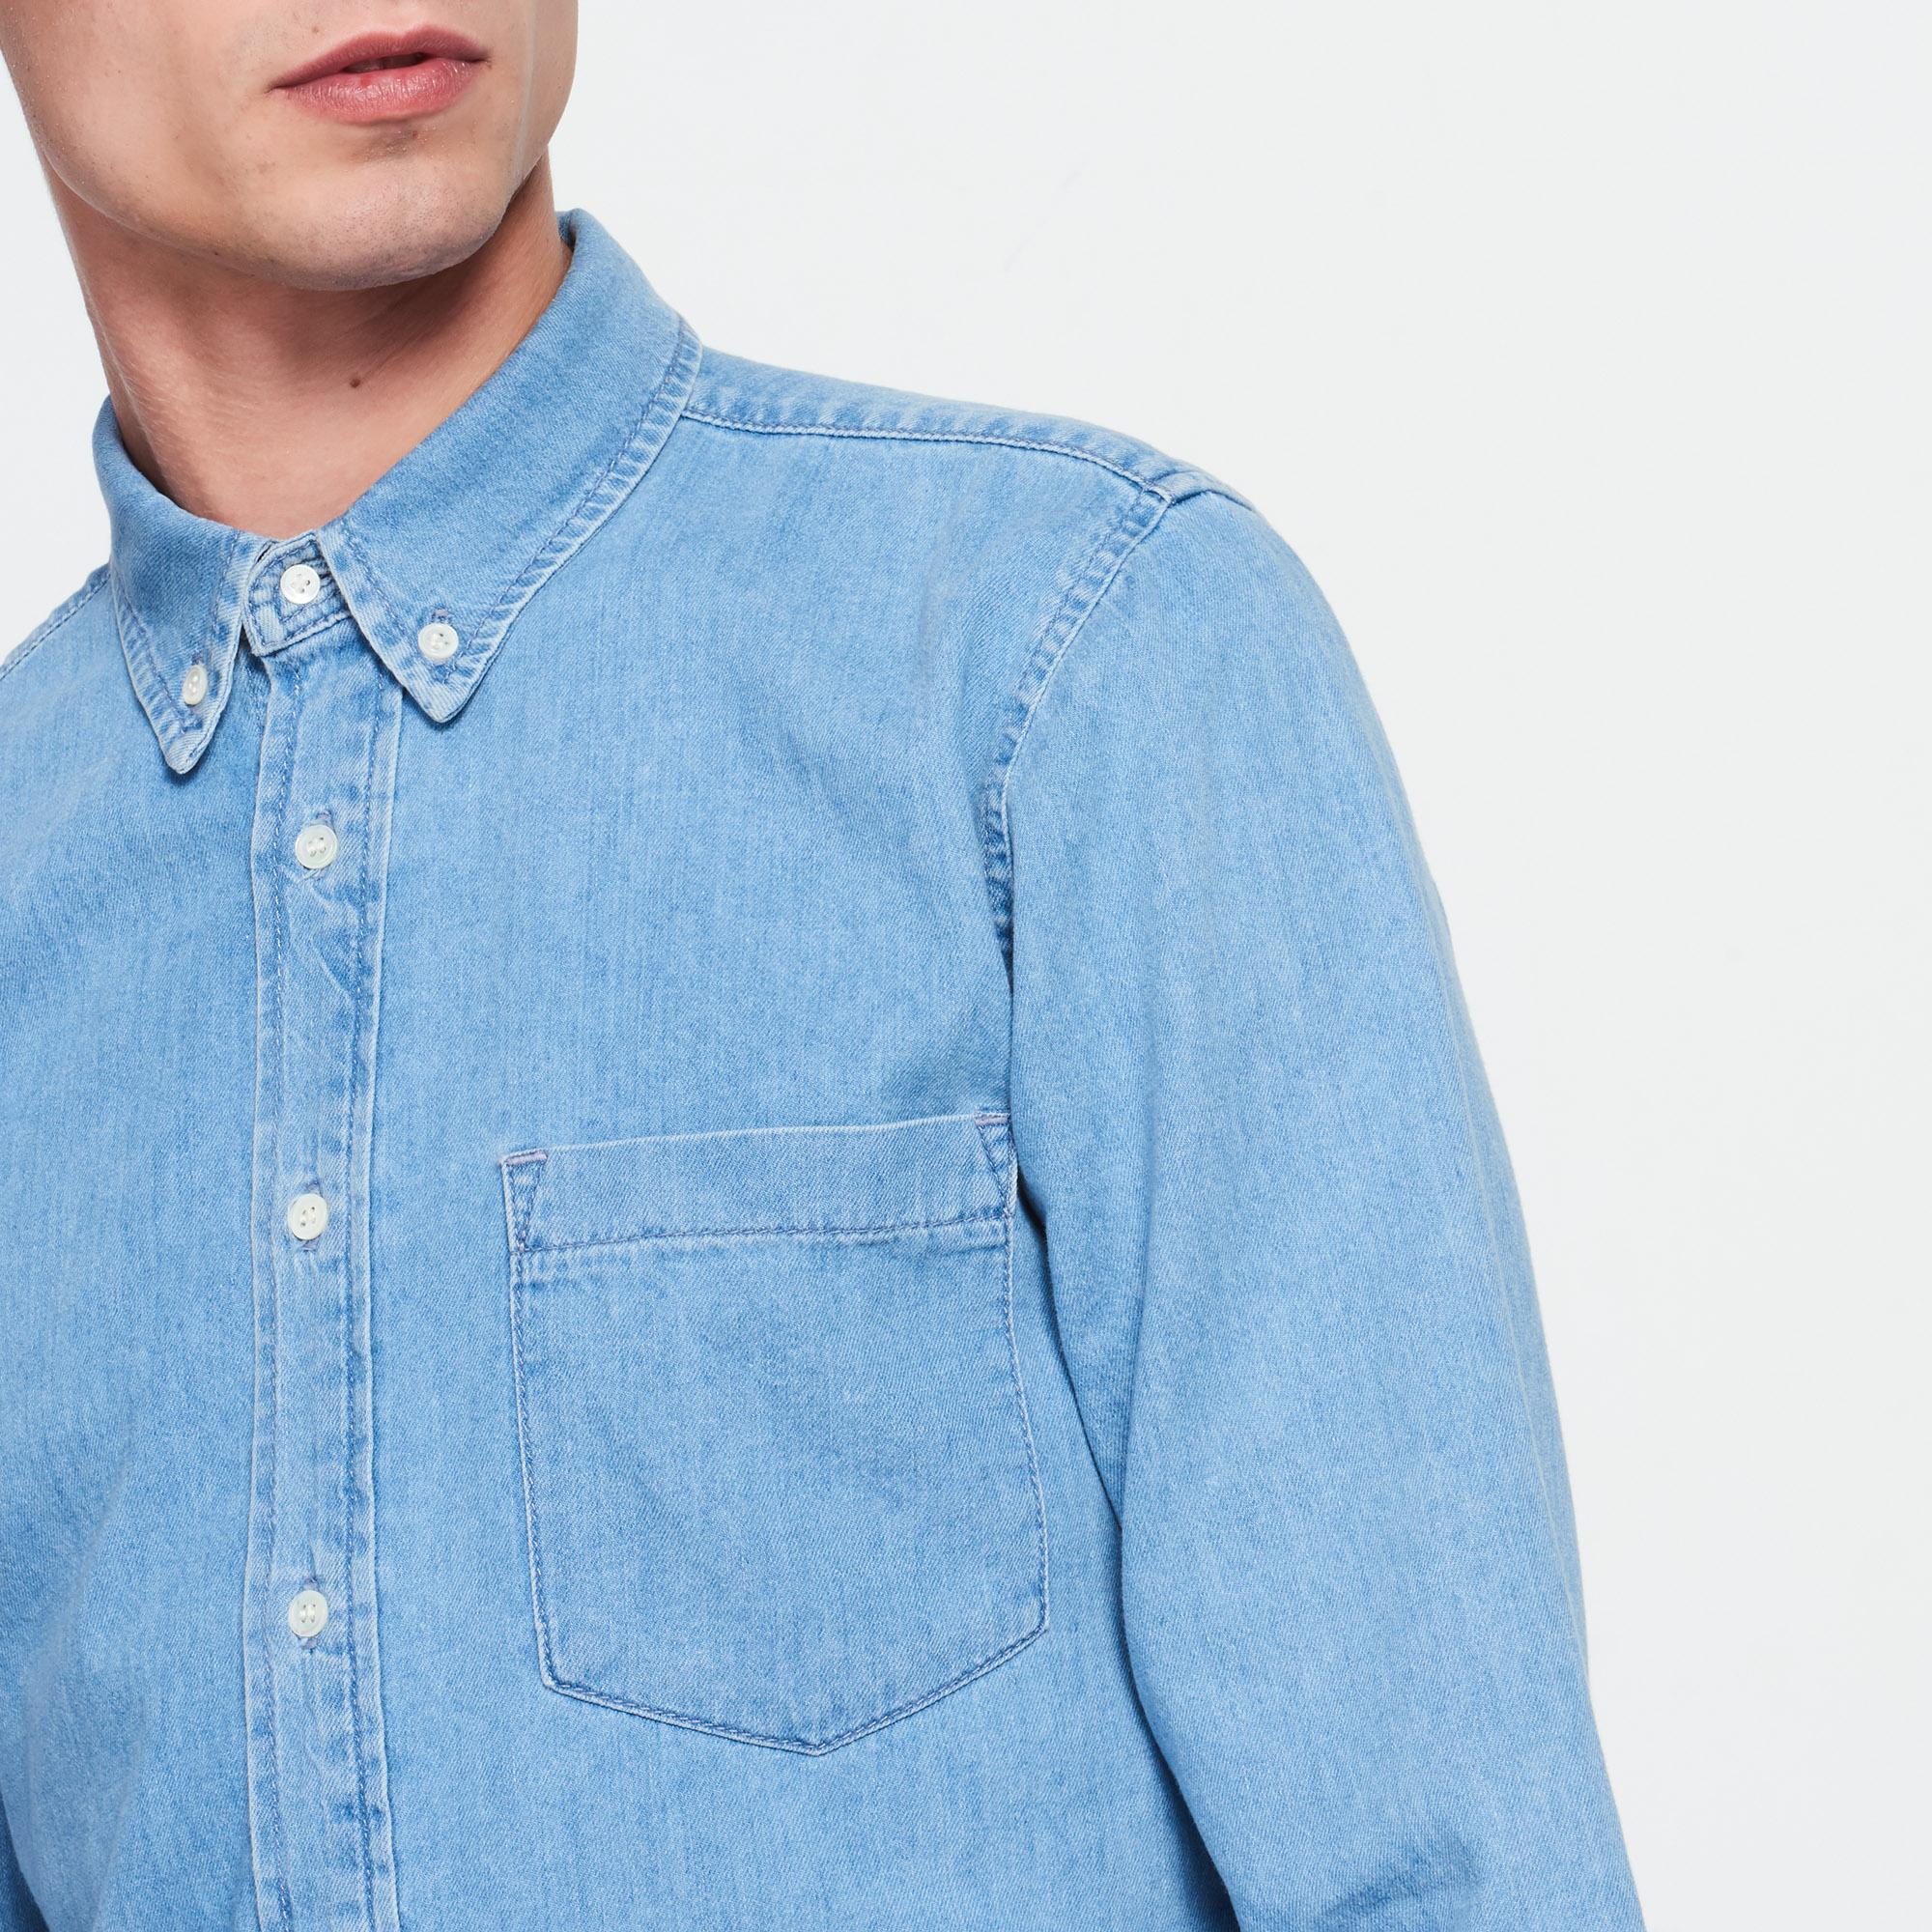 Camicia vintage in jeans : Collezione Estiva colore Blue Vintage - Denim